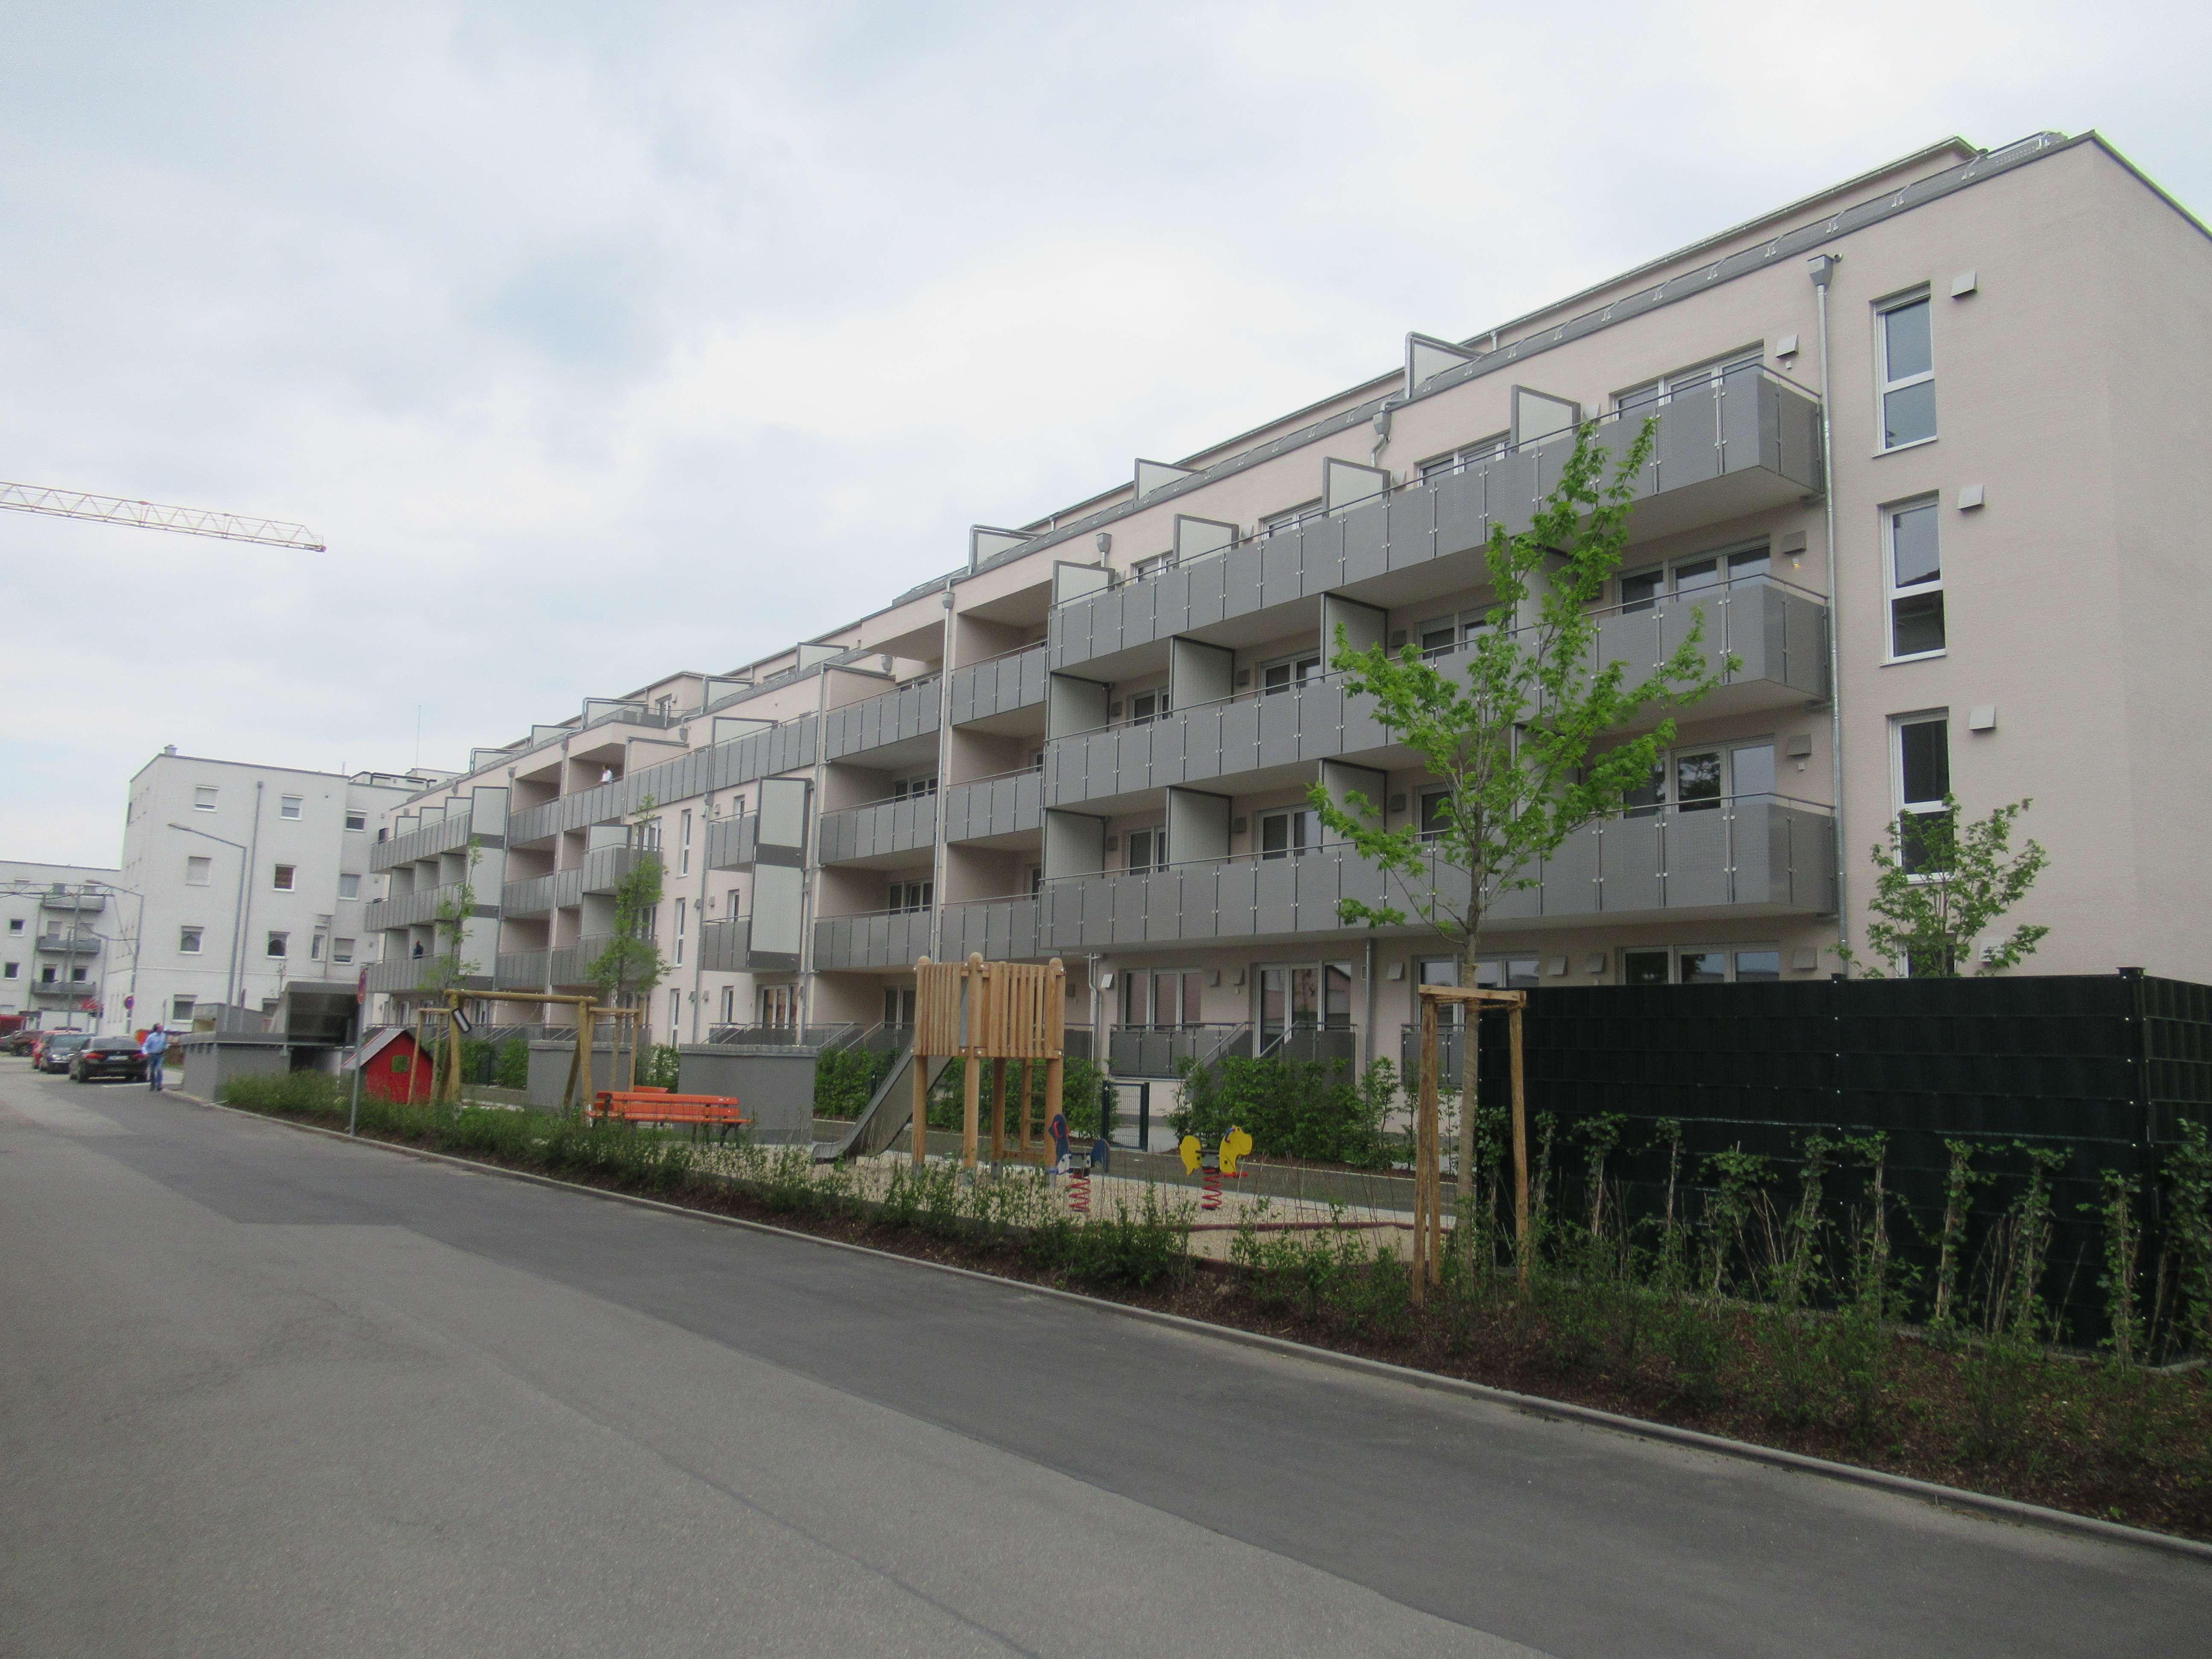 Geräumige Wohnung mit einem Zimmer in Regensburg in